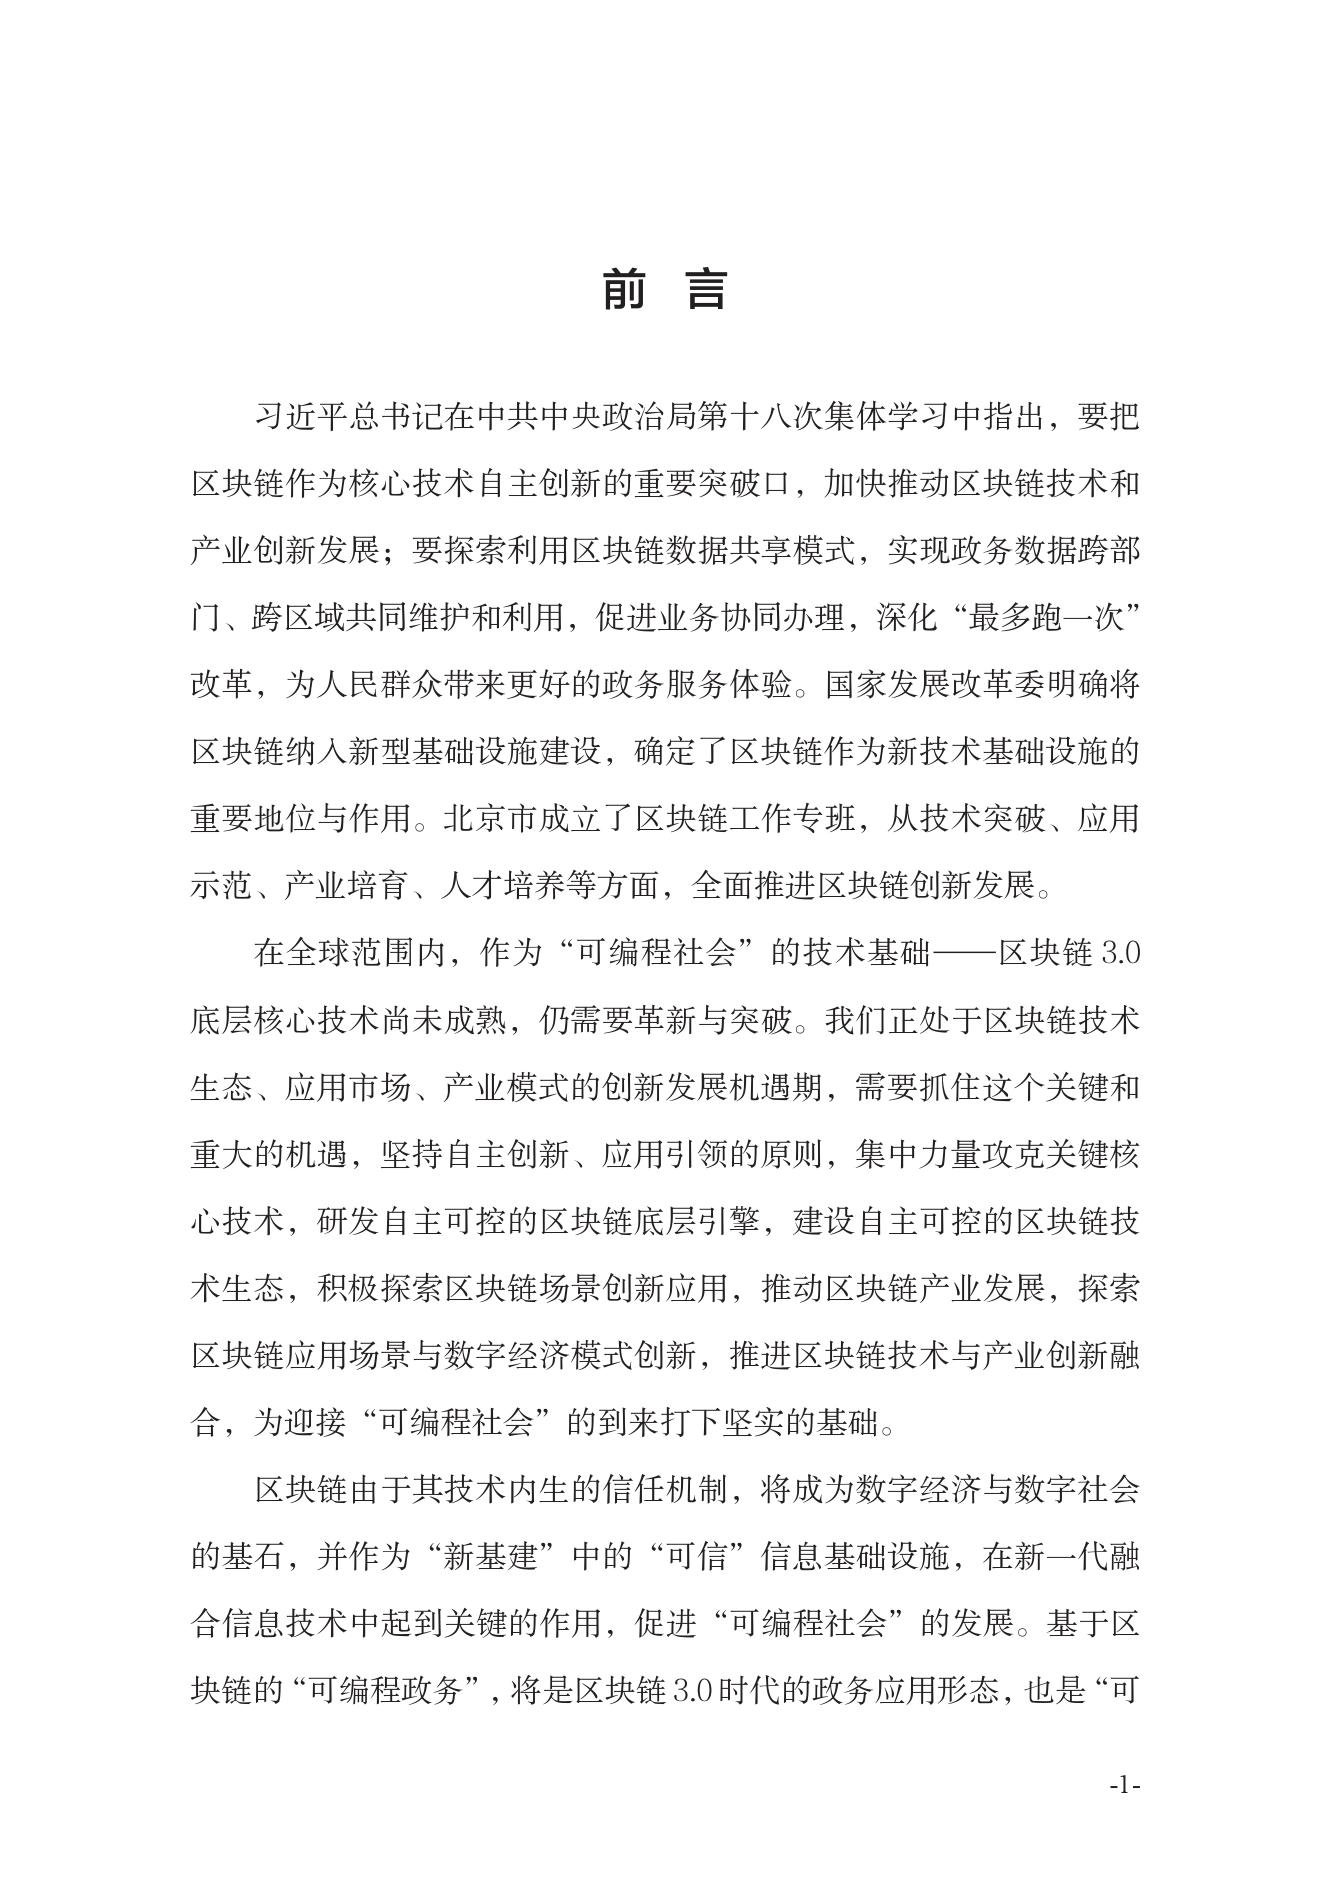 北京市政务服务领域区块链应用创新蓝皮书(可下载报告)插图(7)